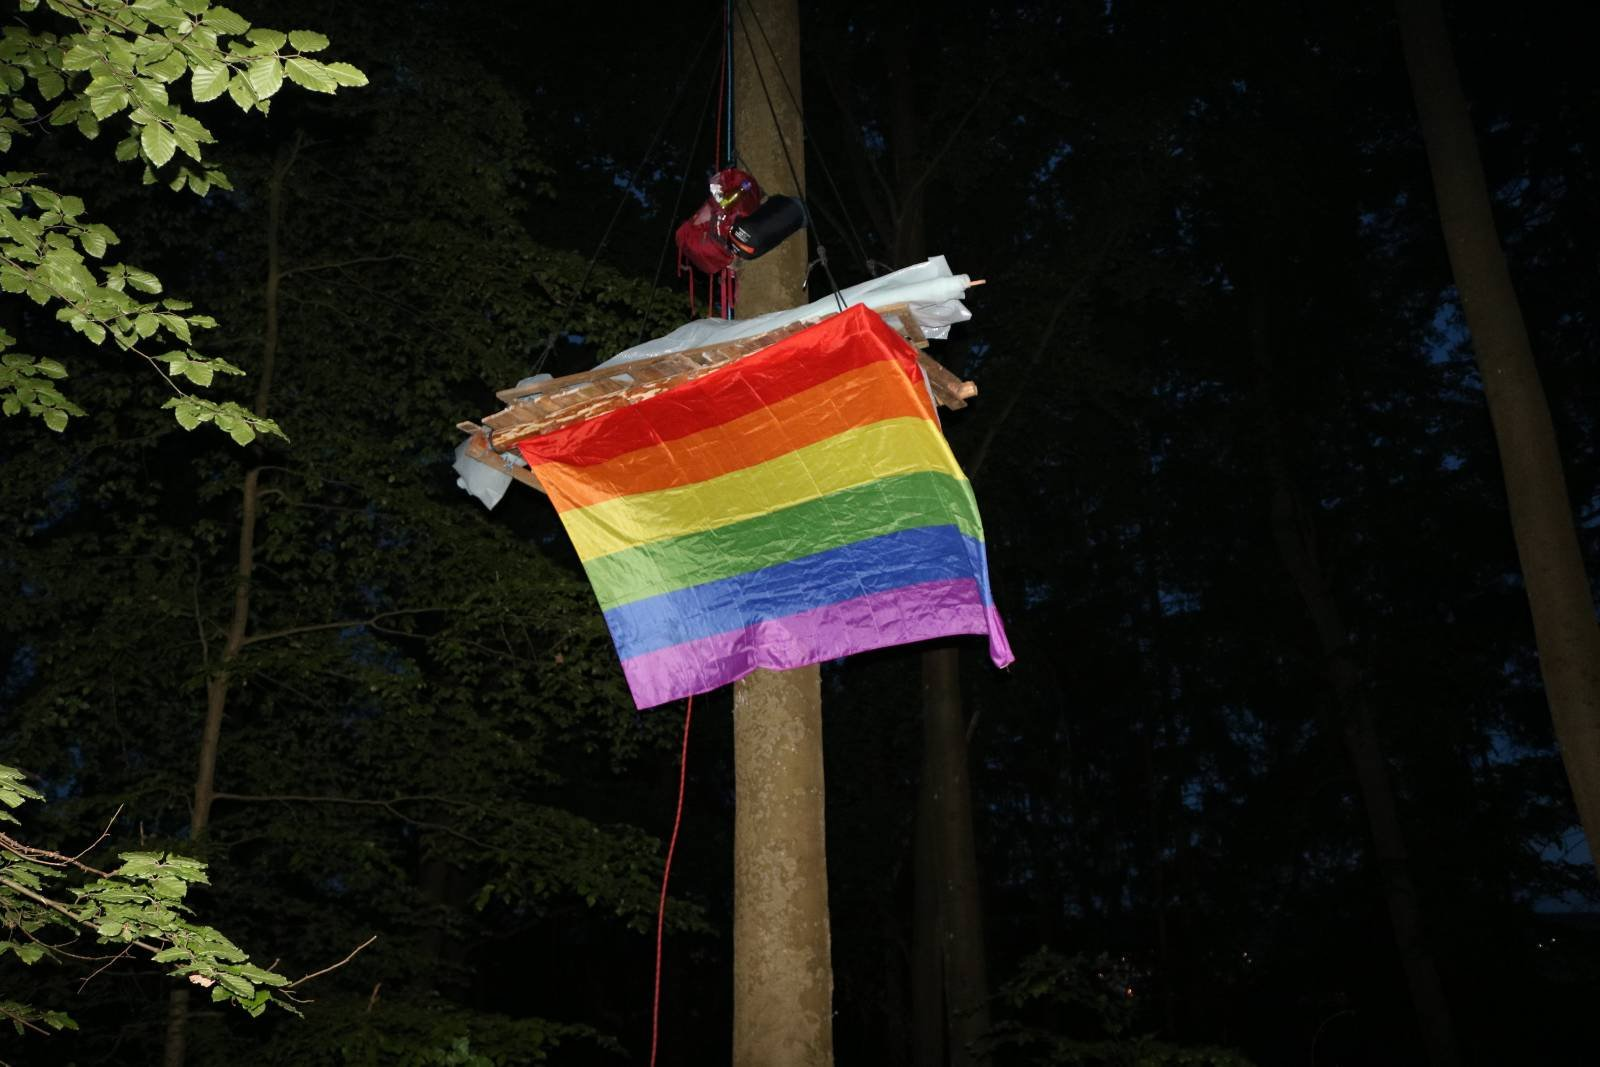 Eine Platform im Wald hat ein Regenbogen-Fahne